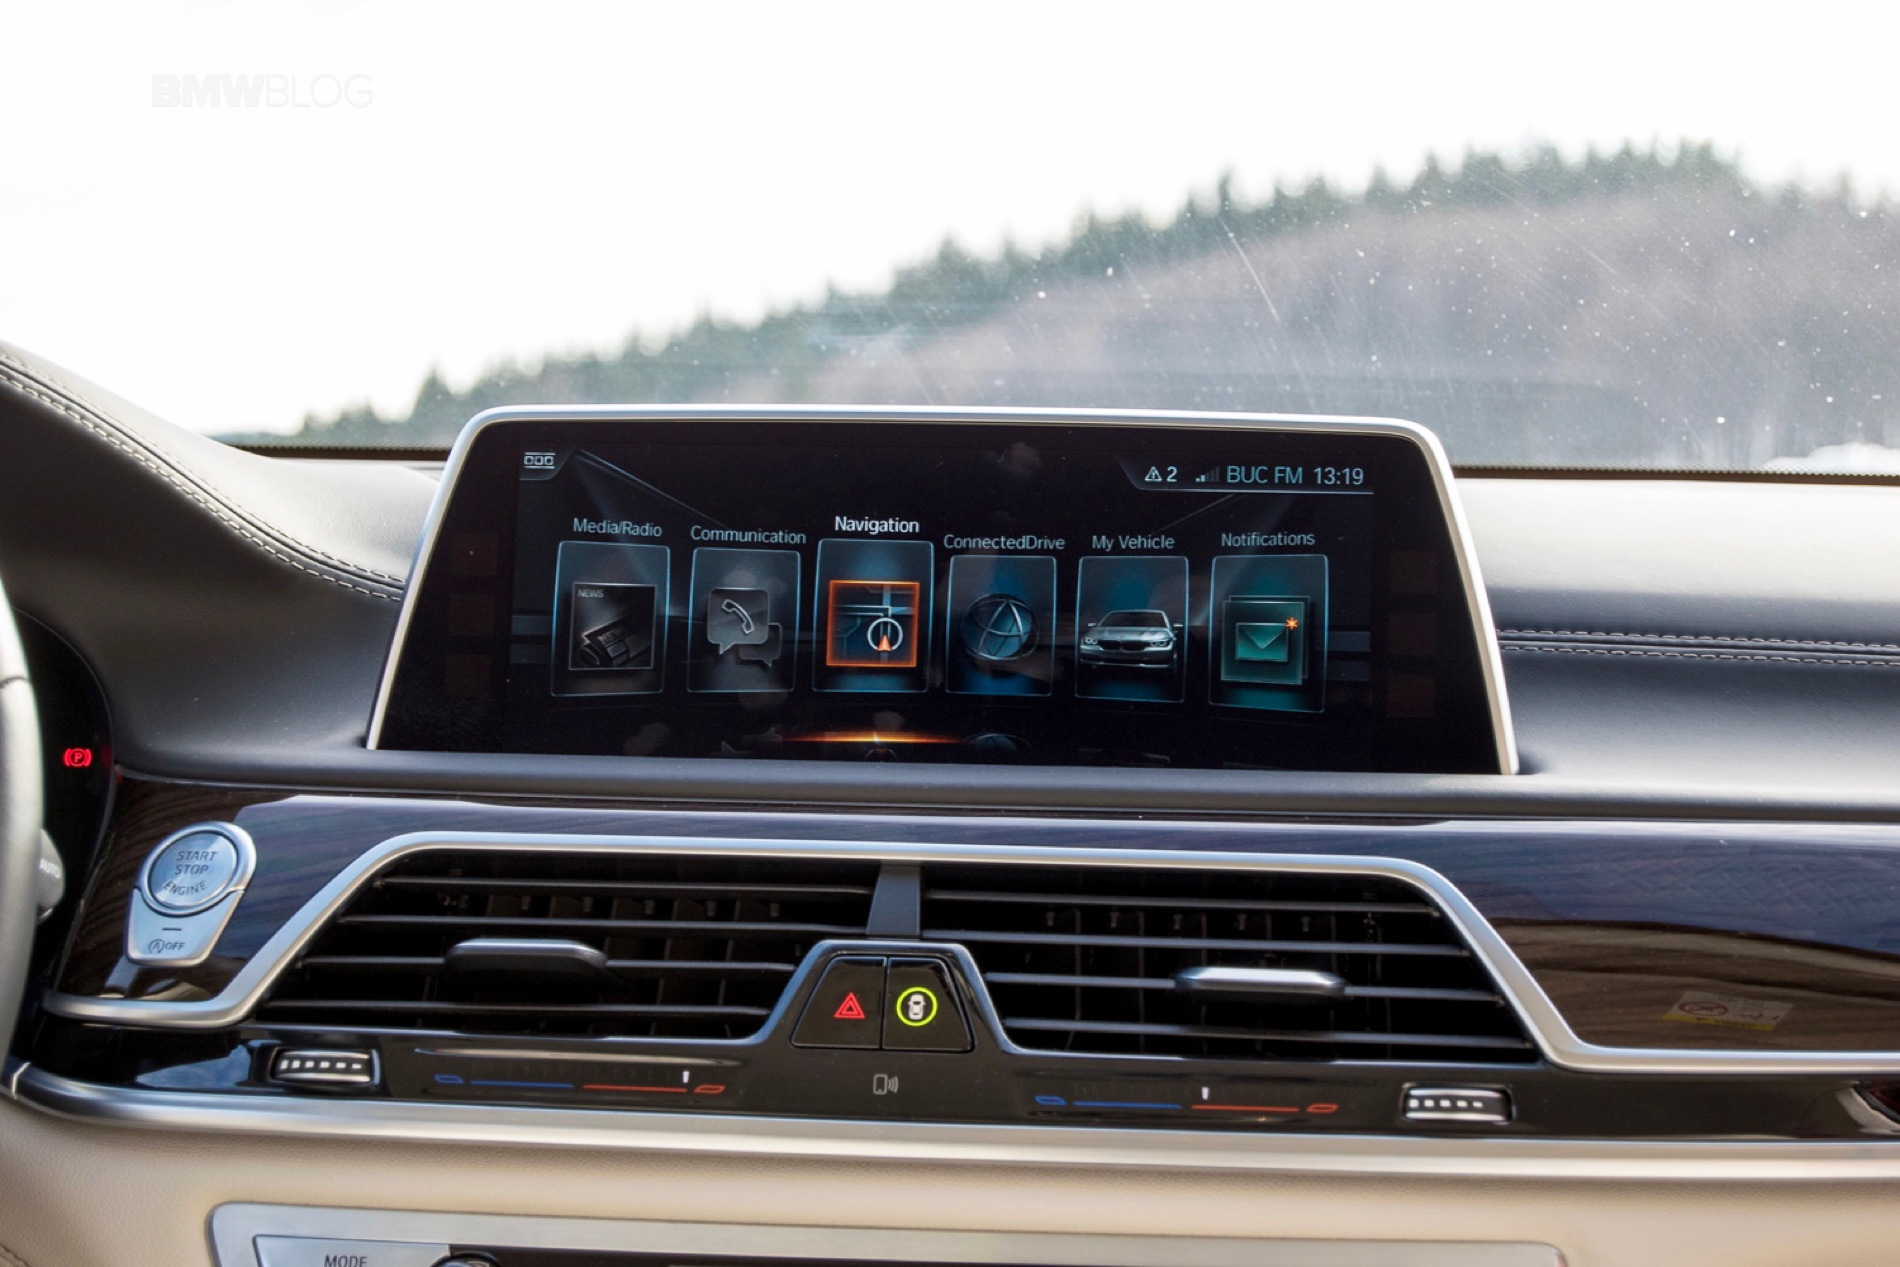 2016 BMW 730d xDrive test drive review 118